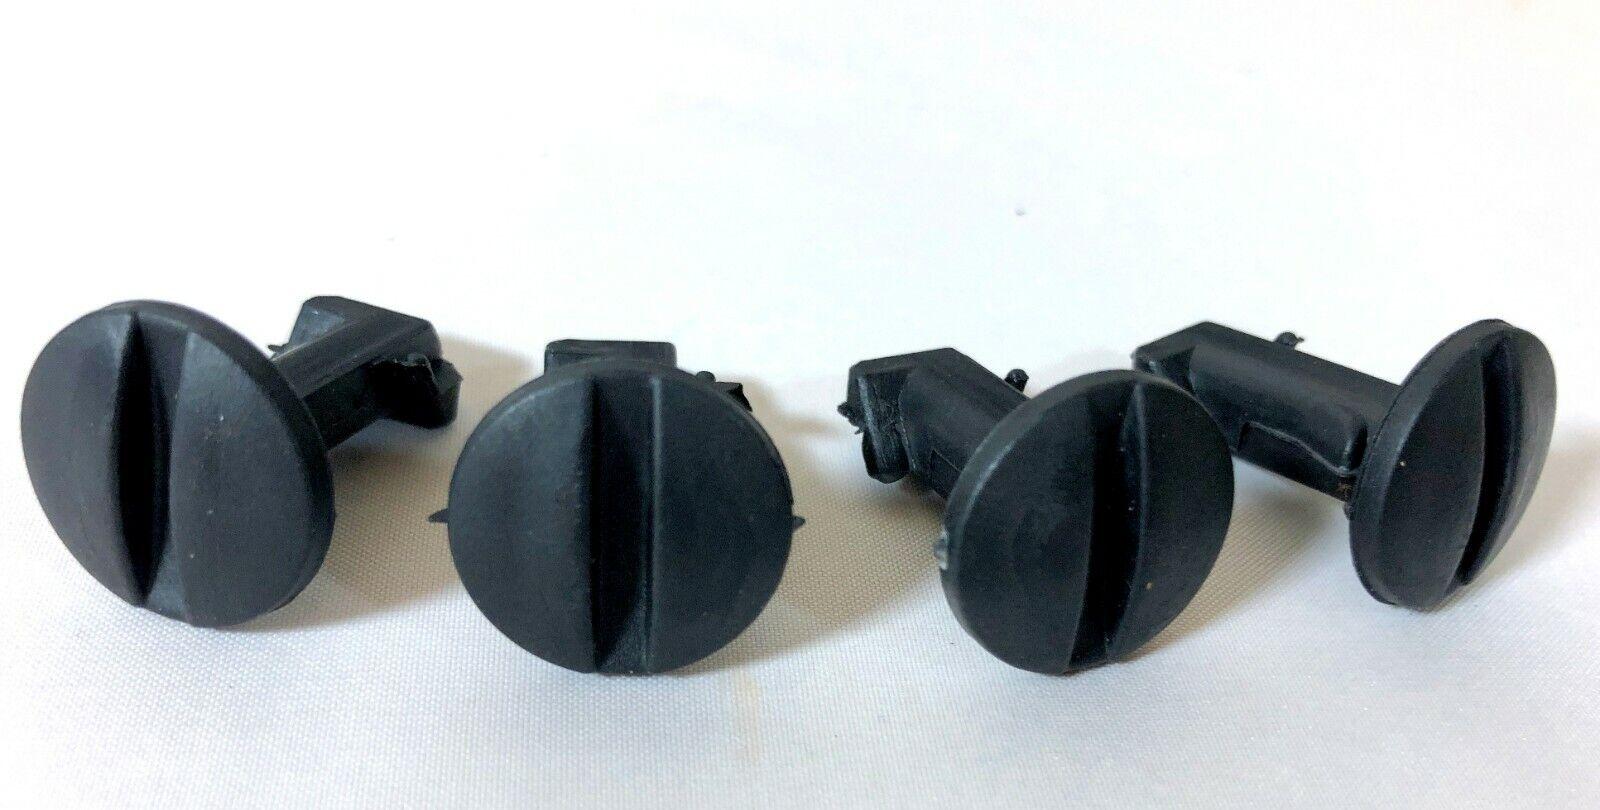 Pare-chocs arrière Twin Exhaust Trim en noir pour Discovery 5 HSE dynamique Style Insert